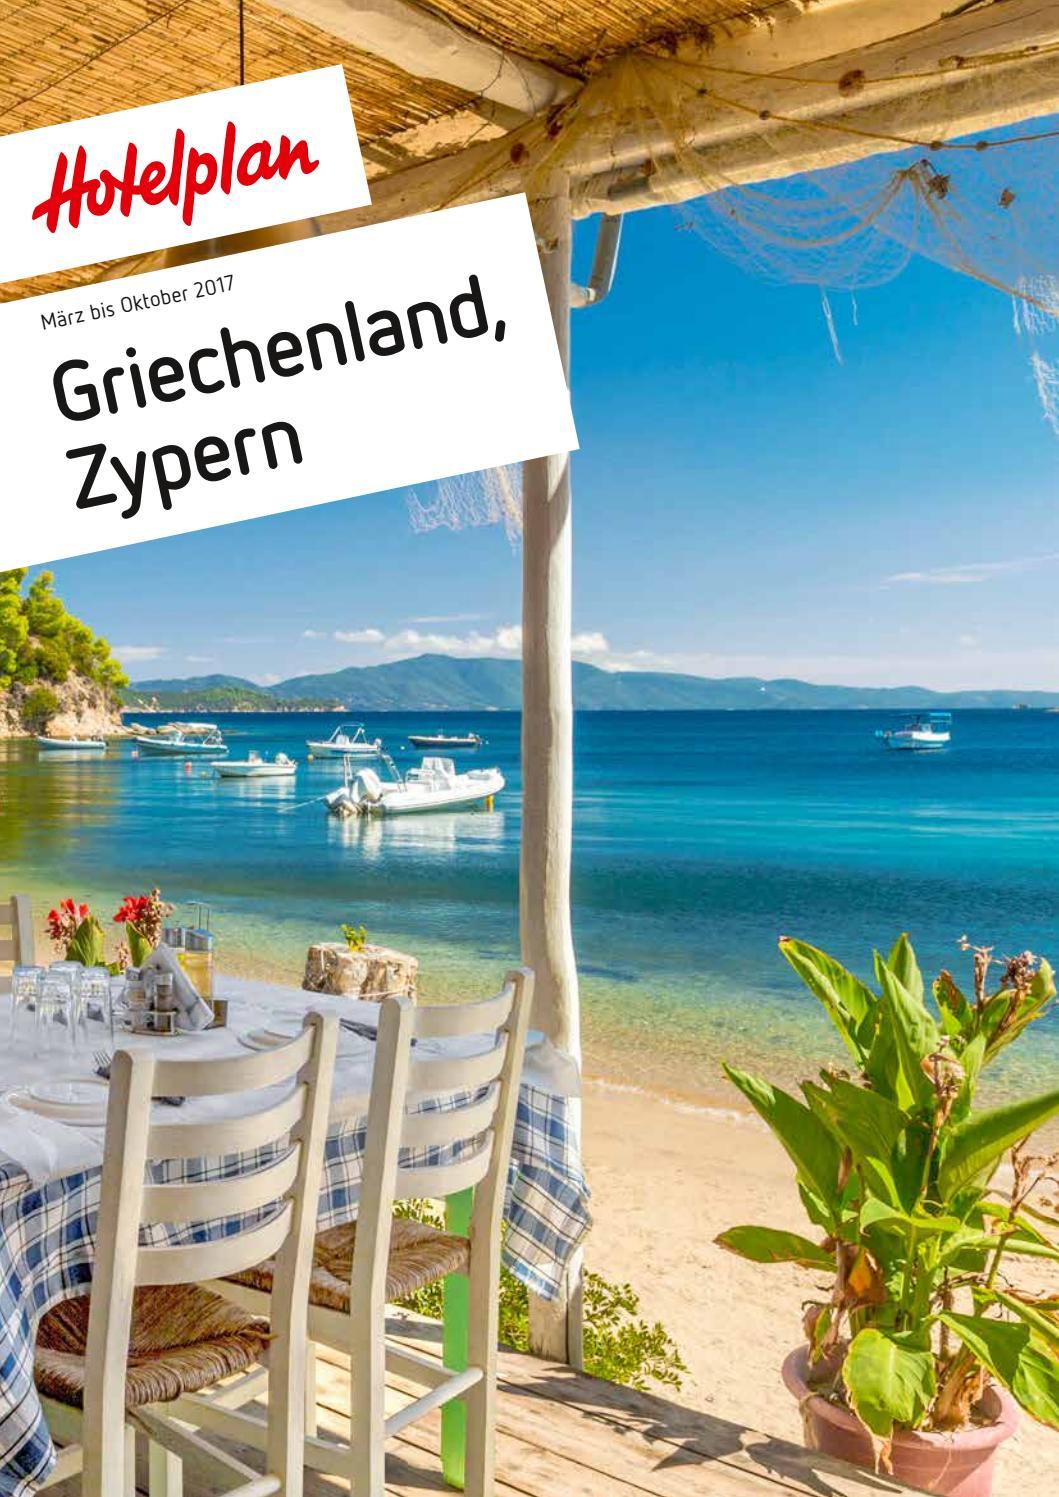 Hotelplan Griechenland, Zypern – von März bis Oktober 2017 by ...